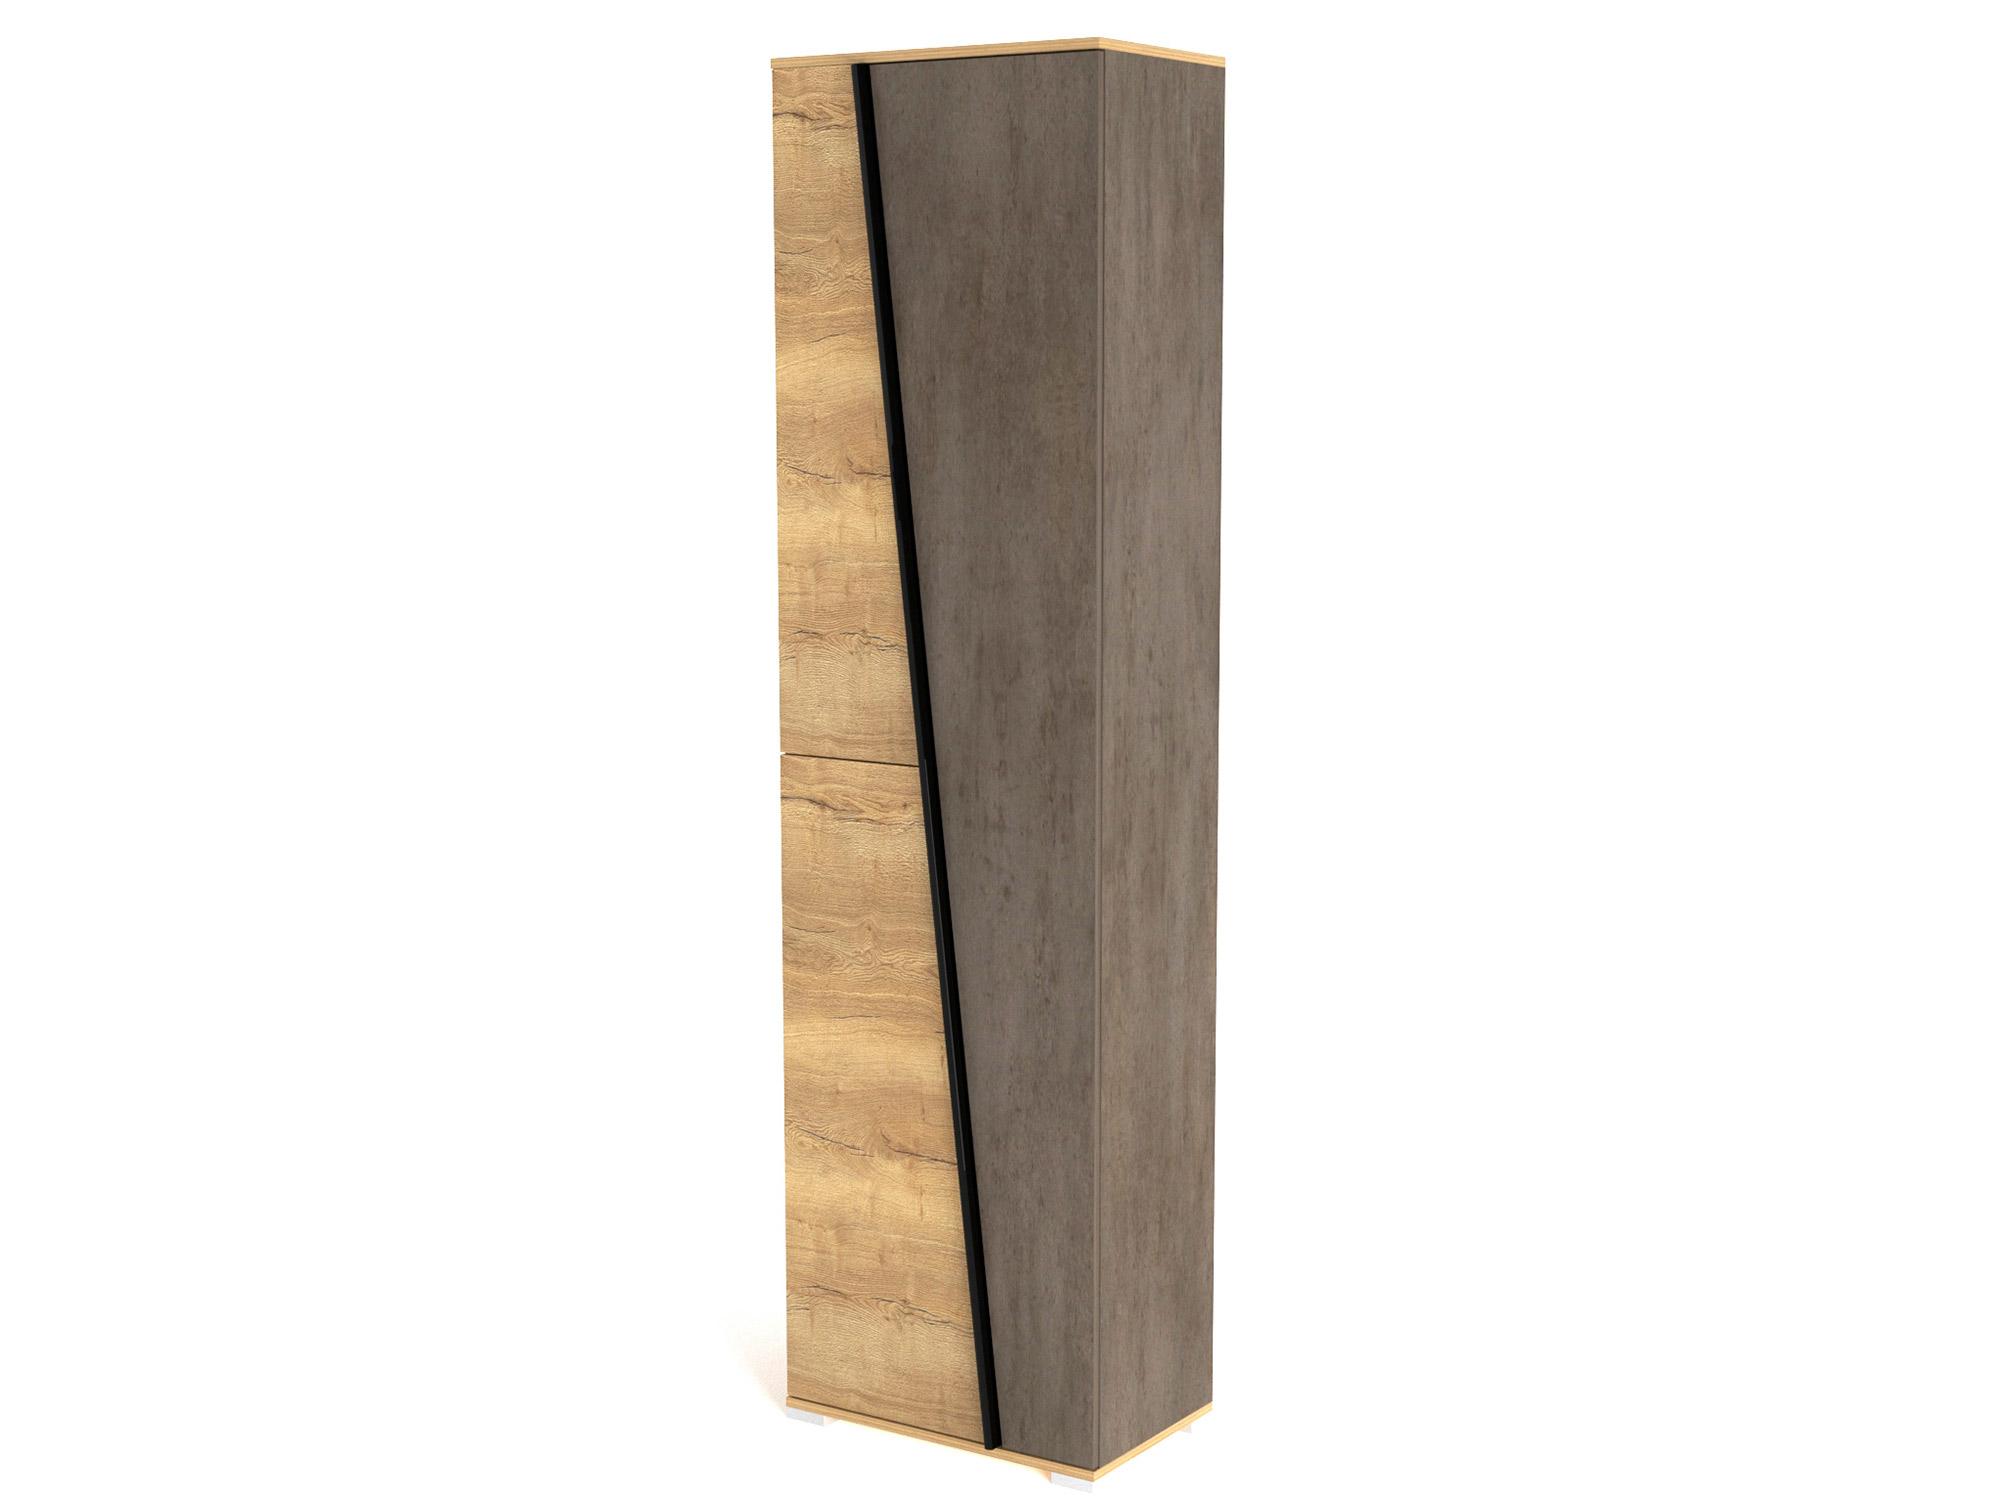 Фото - Шкаф для одежды Стреза Дуб Галифакс натуральный, Бетон Чикаго шкаф однодверный стреза дуб галифакс натуральный бетон чикаго